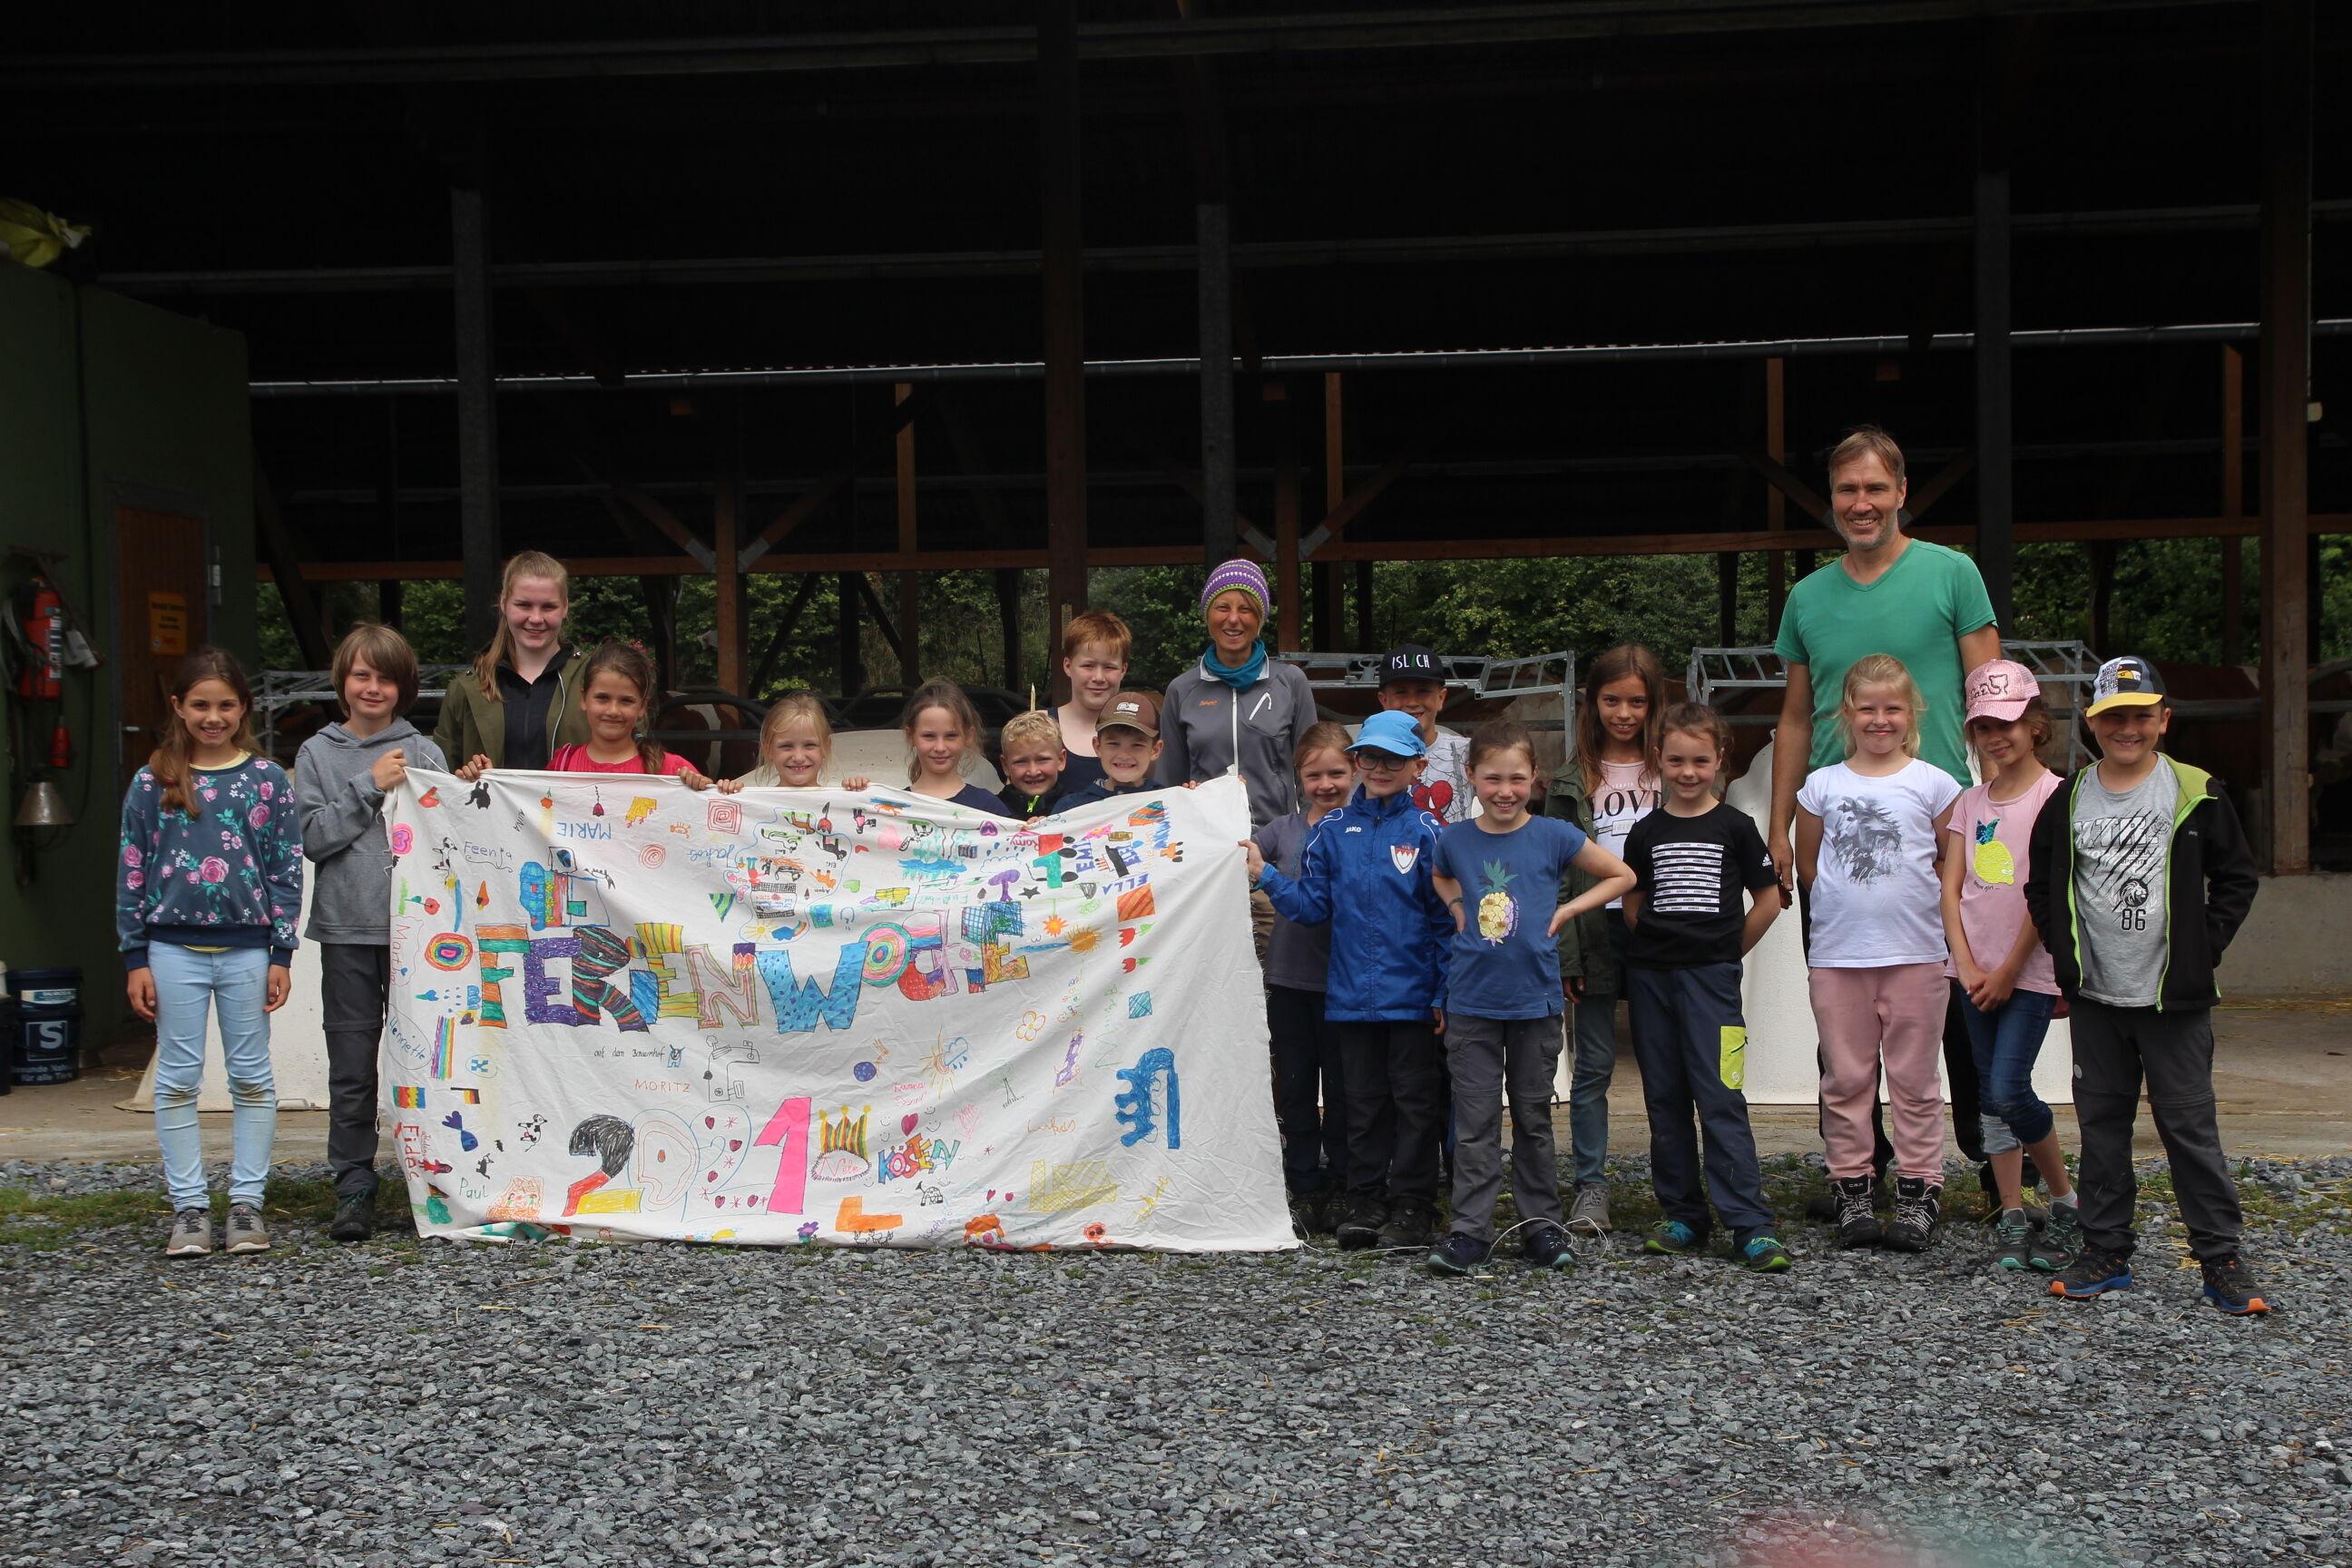 Die 16 Kinder, die an der Ferienwoche auf dem Erlebnisbauernhof Hofmann in Kösten teilgenommen haben, mit ihrer Freizeitfahne und den Betreuern Joseph